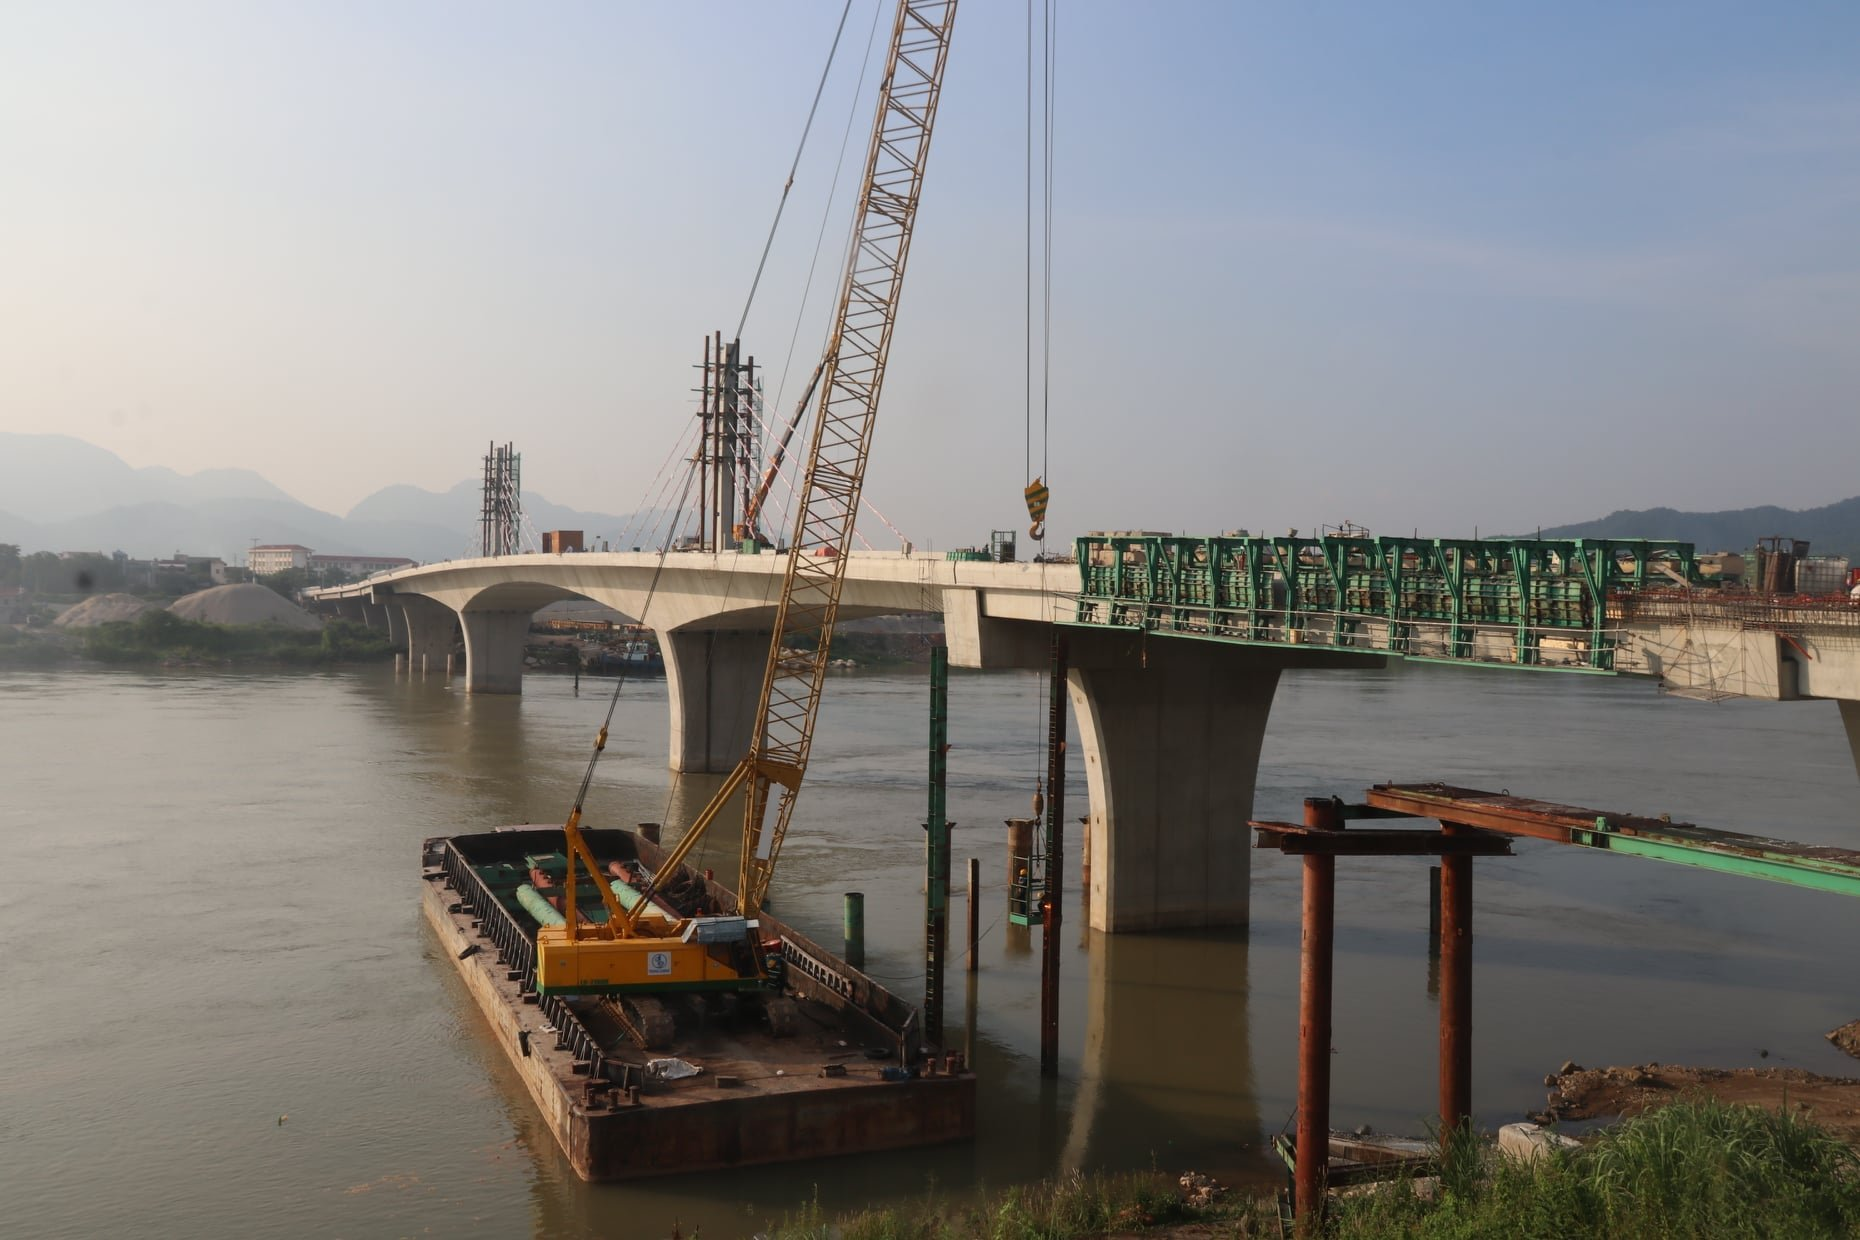 Hòa Bình: Dự án cầu 600 tỷ 2 nối 2 bờ sông Đà sắp về đích, dự kiến thông xe đầu tháng 10 - Ảnh 2.